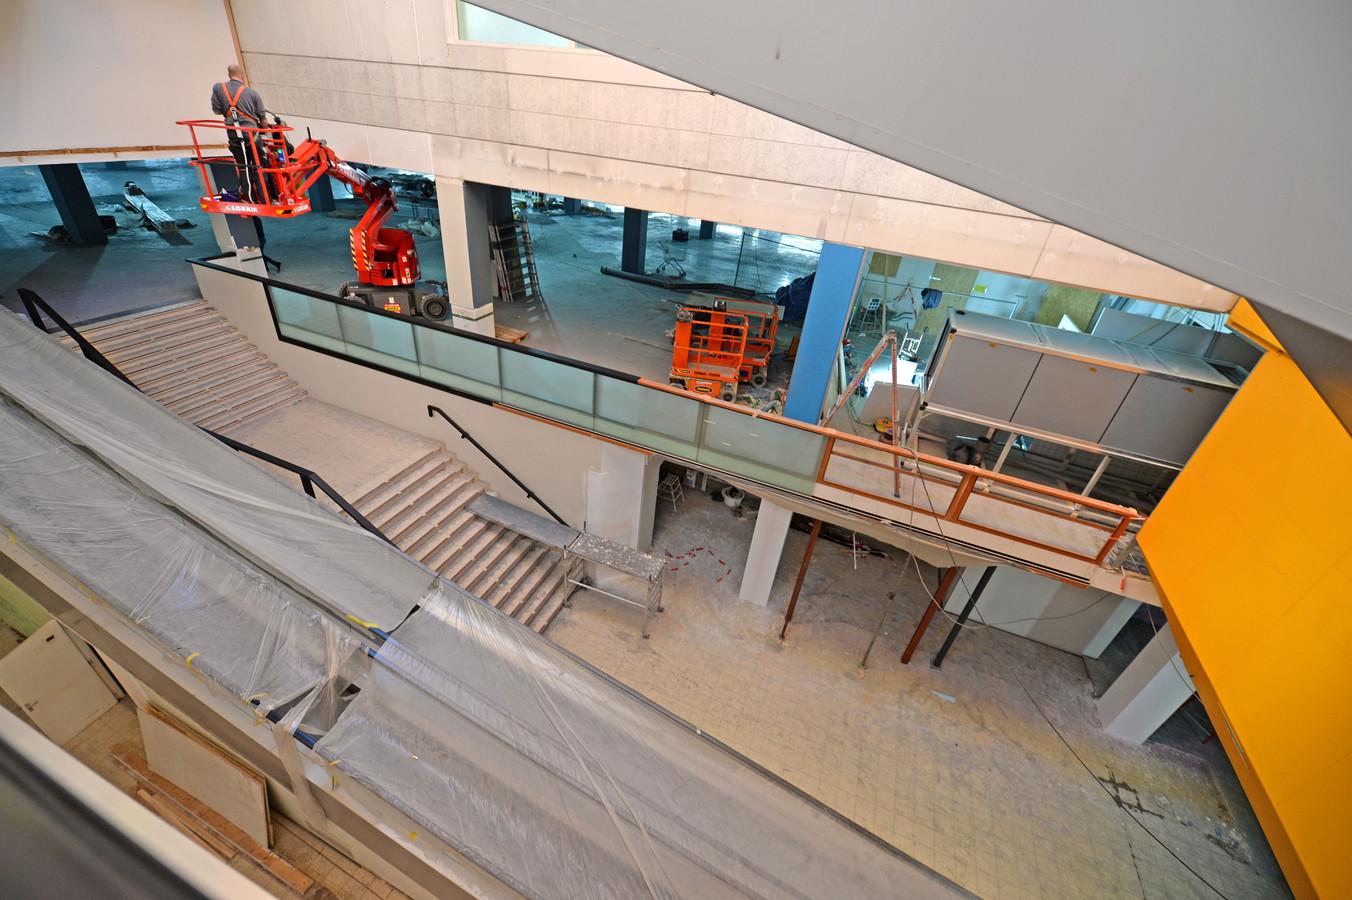 Winkelcentrum Koningsplein wordt klaargestoomd voor de vestiging van Decathlon.